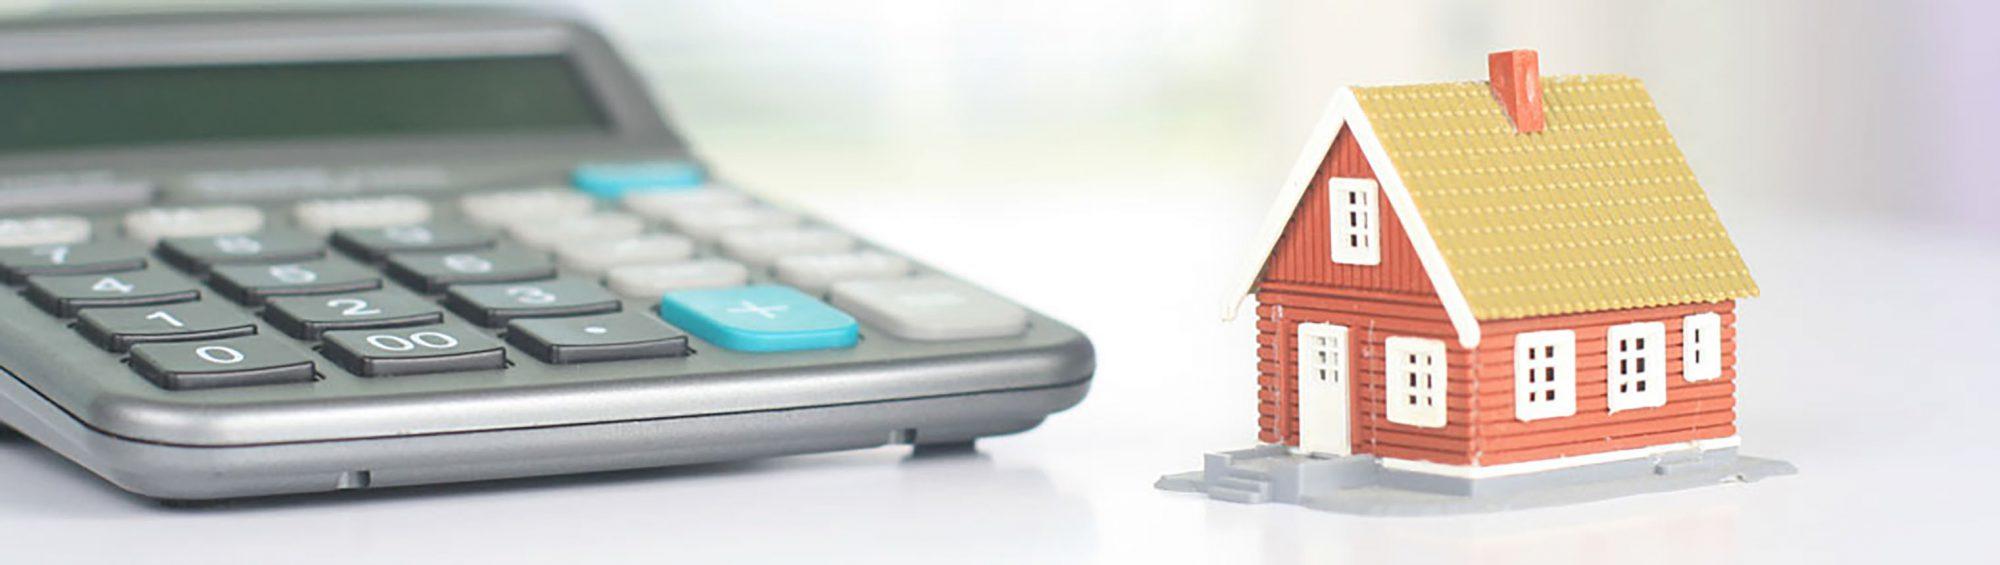 Calcul de viabilit et faisabilit de votre projet immobilier - Calcul charges appartement ...